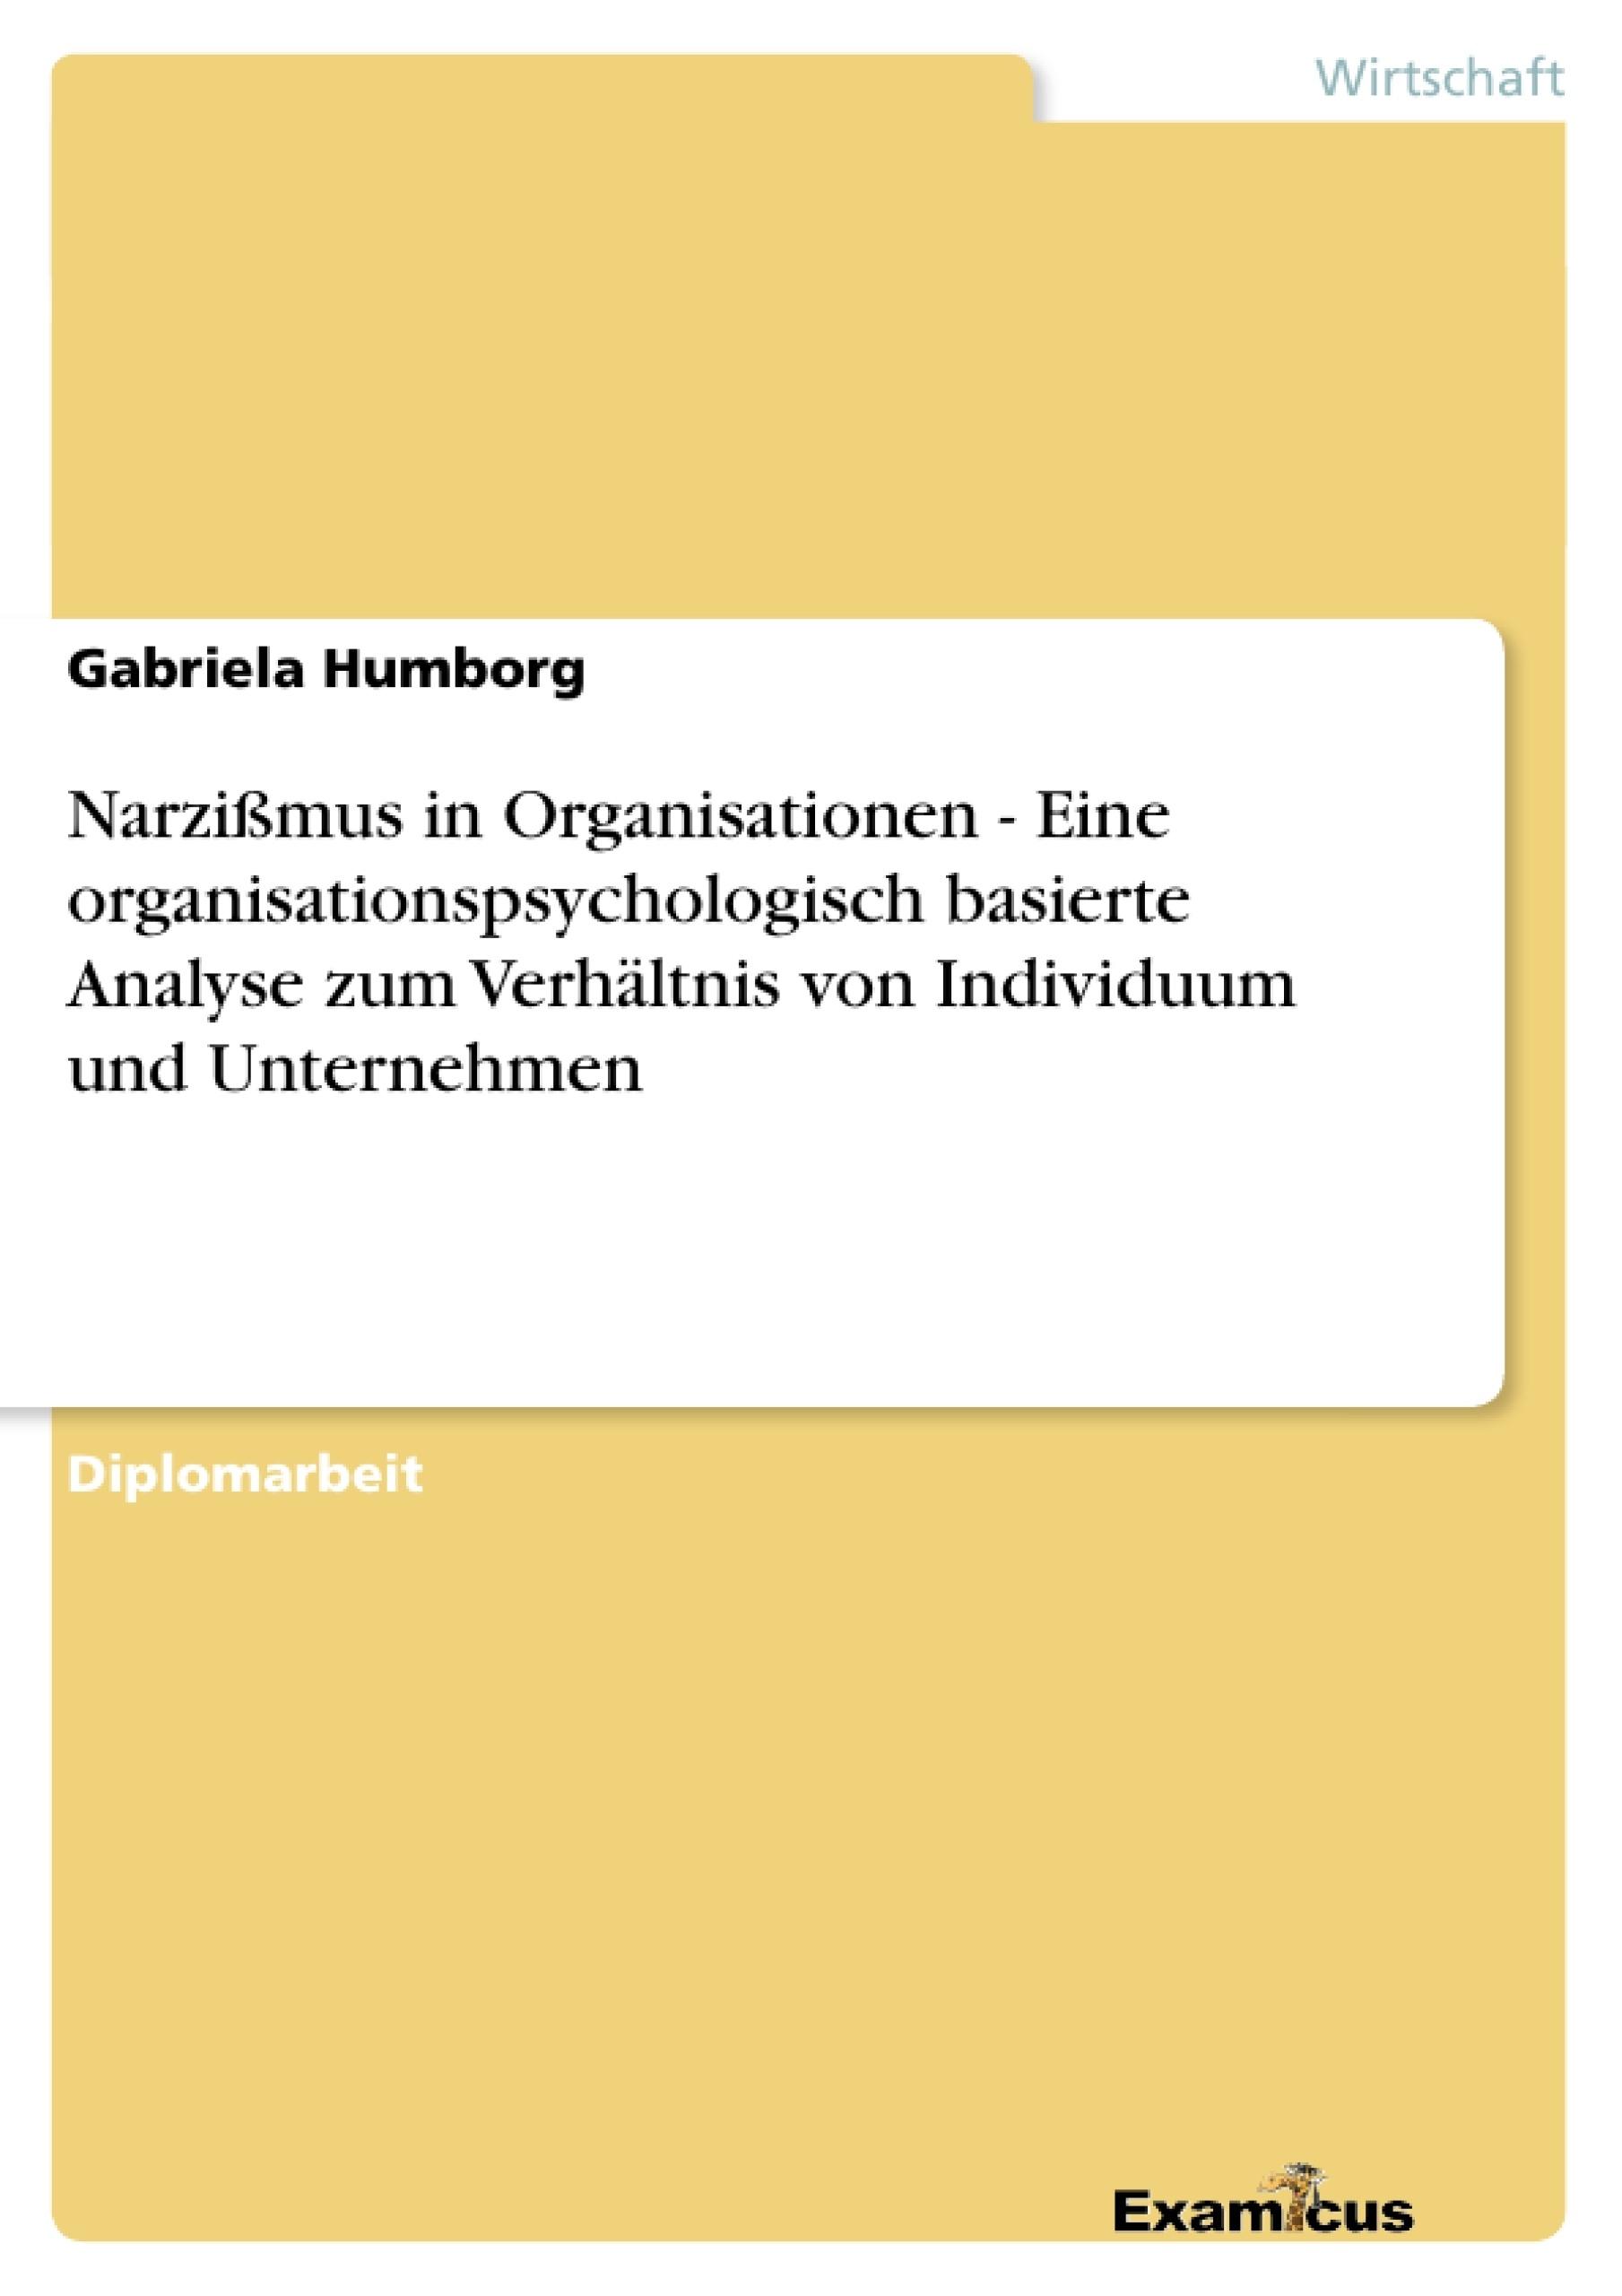 Titel: Narzißmus in Organisationen - Eine organisationspsychologisch basierte Analyse zum Verhältnis von Individuum und Unternehmen